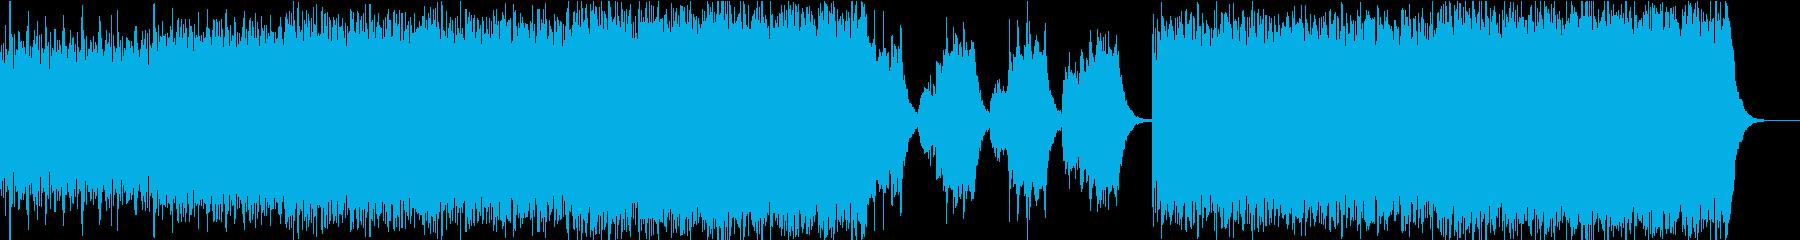 ストリングスの響が緊張感を演出の再生済みの波形